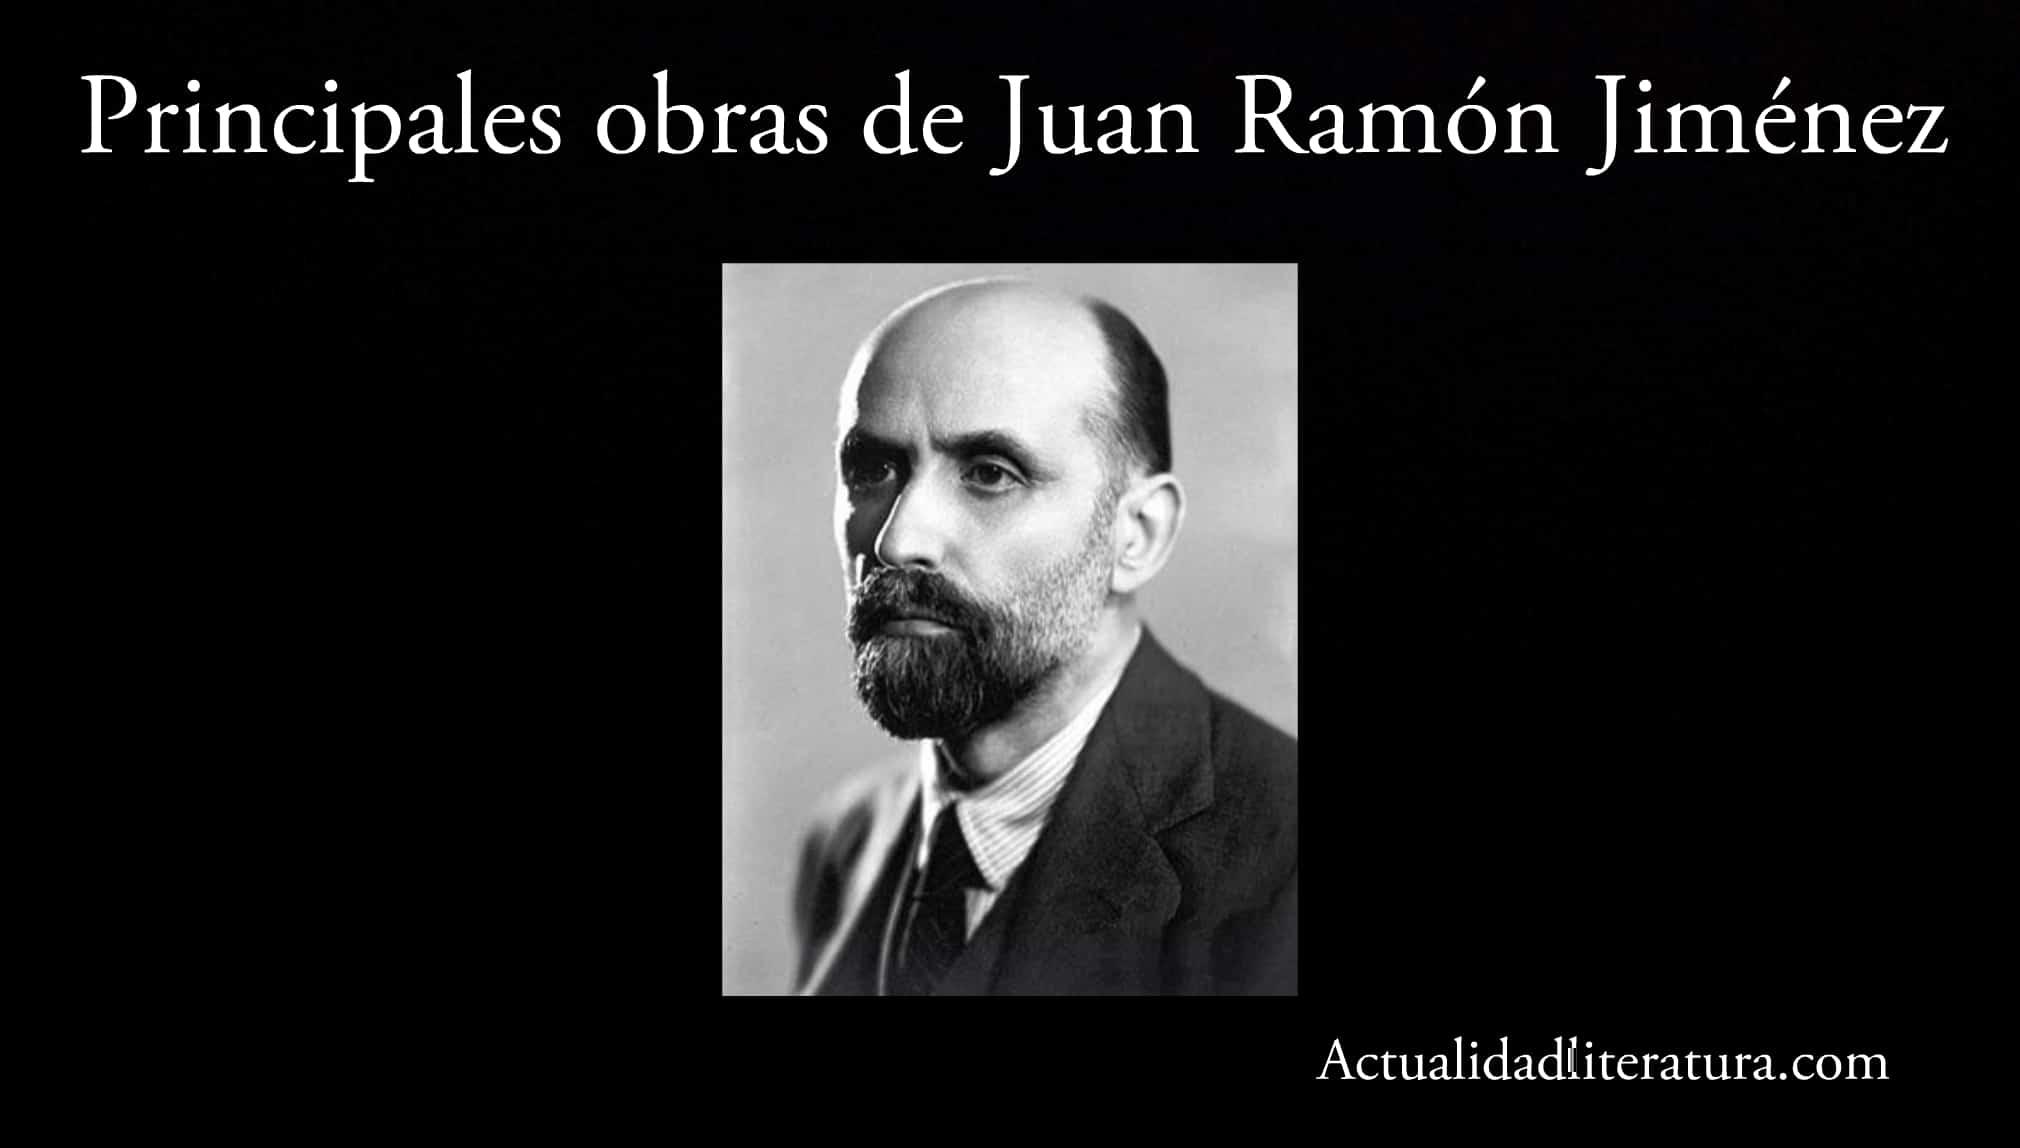 Principales obras de Juan Ramón Jiménez